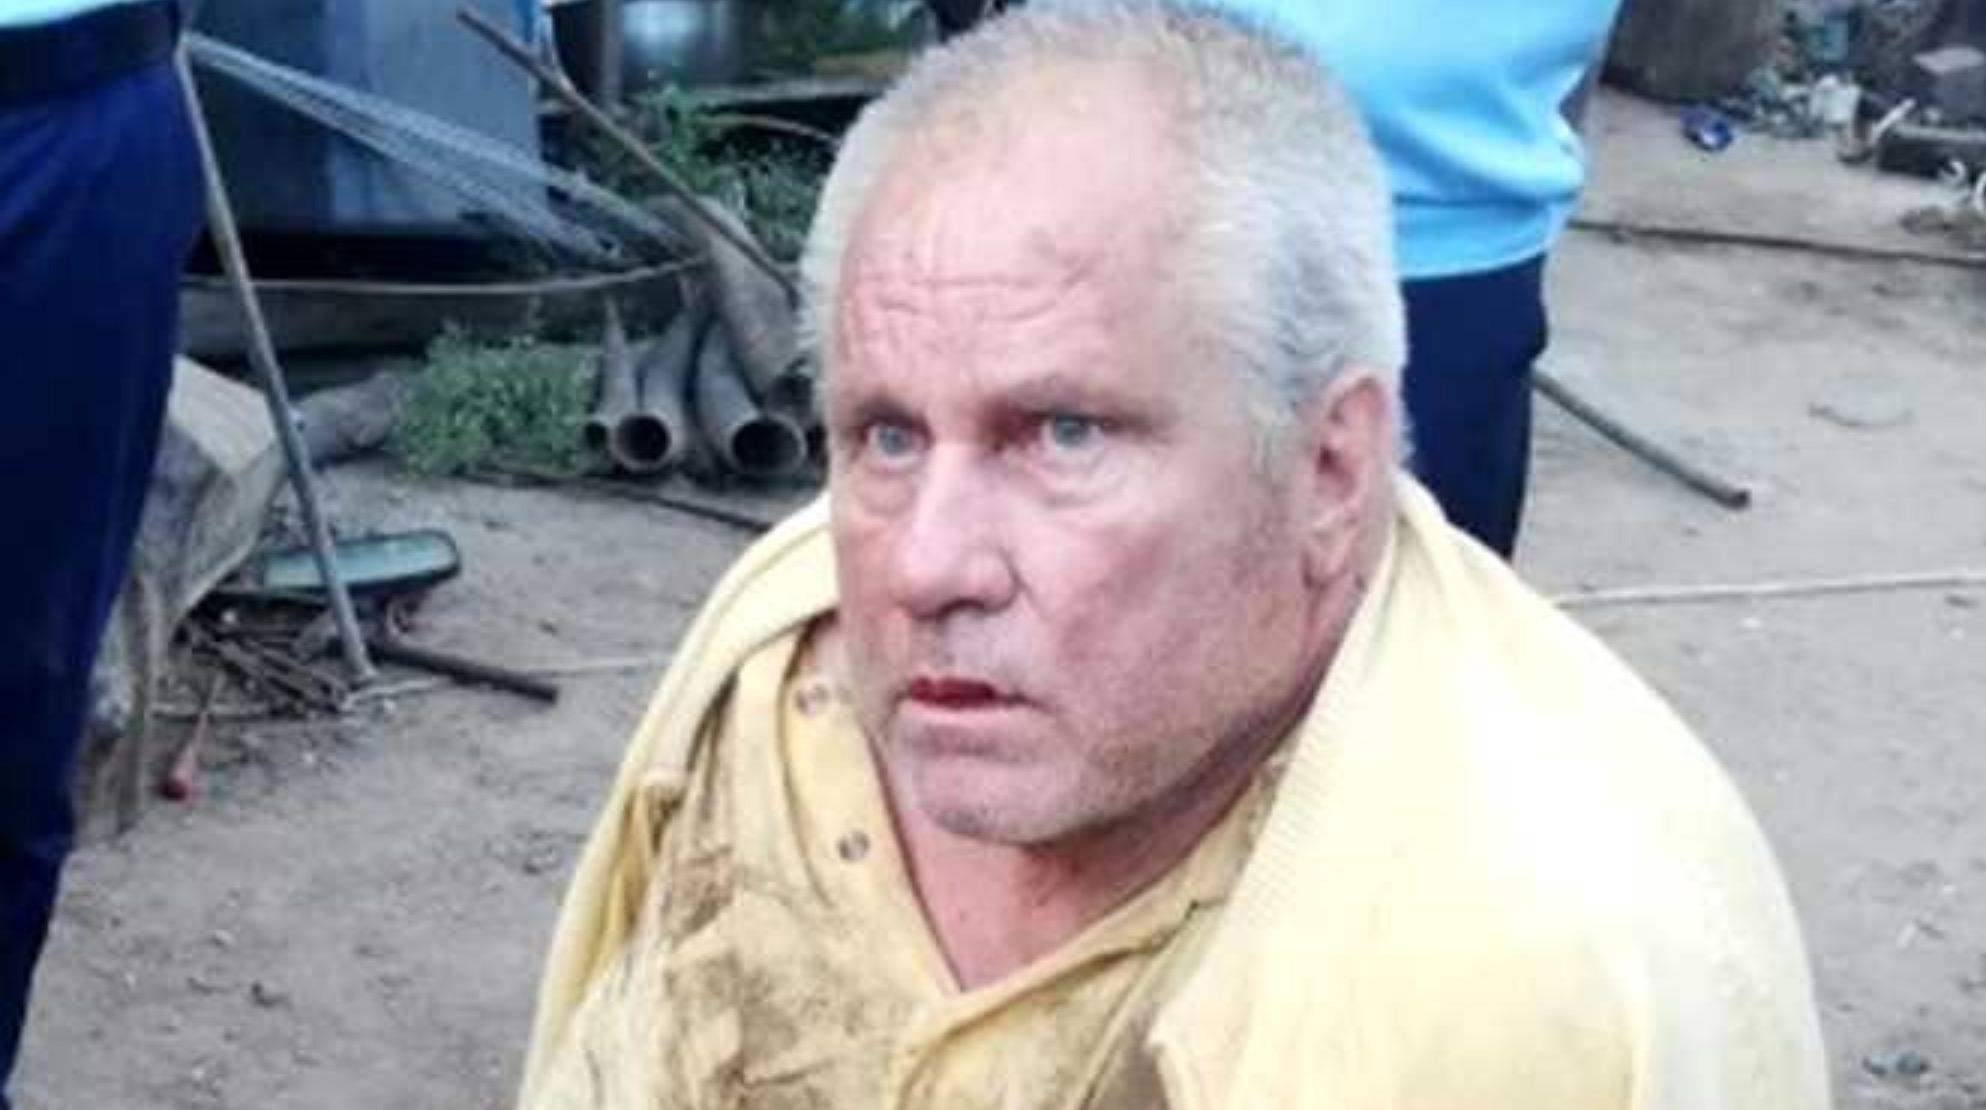 Anunțul anchetatorilor despre probele ADN luate din casa lui Gheorghe Dincă. Ce s-a descoperit în locuința criminalului